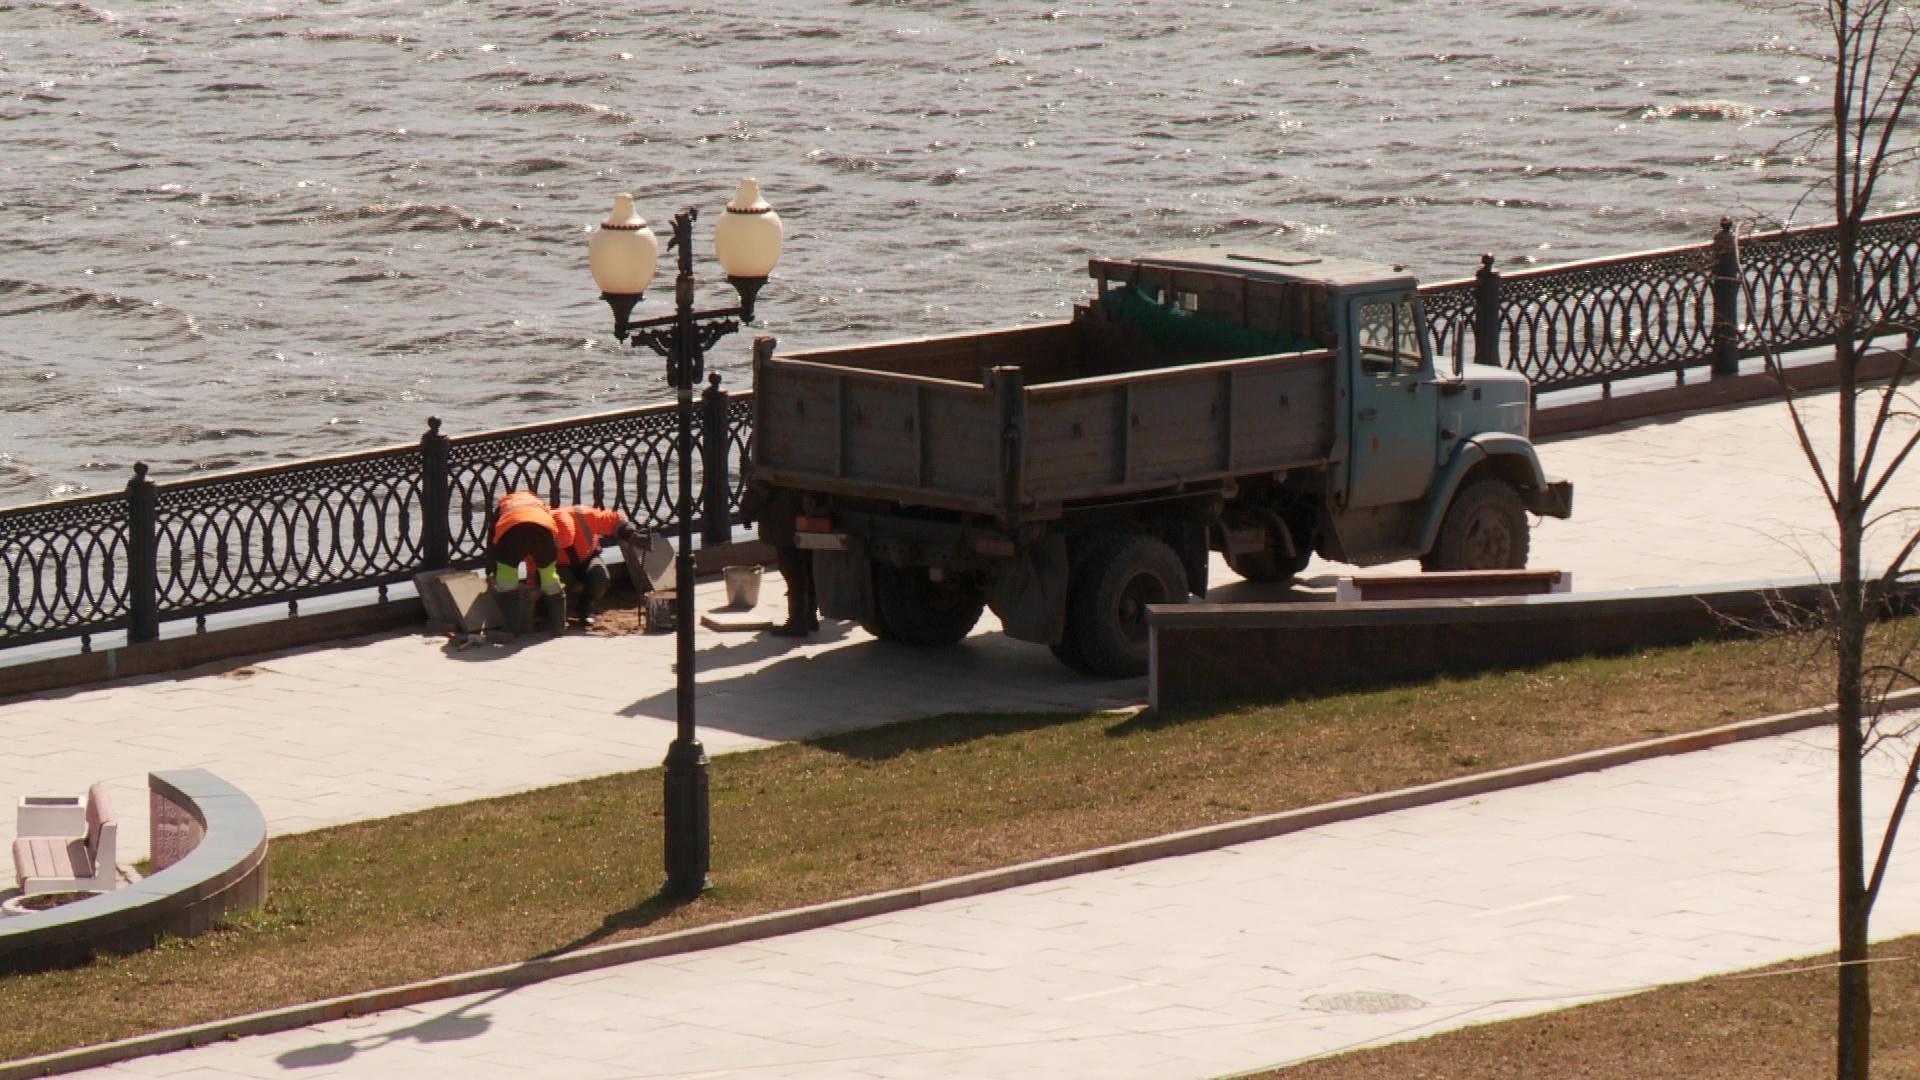 Волжскую набережную Ярославля восстанавливают после февральского паводка